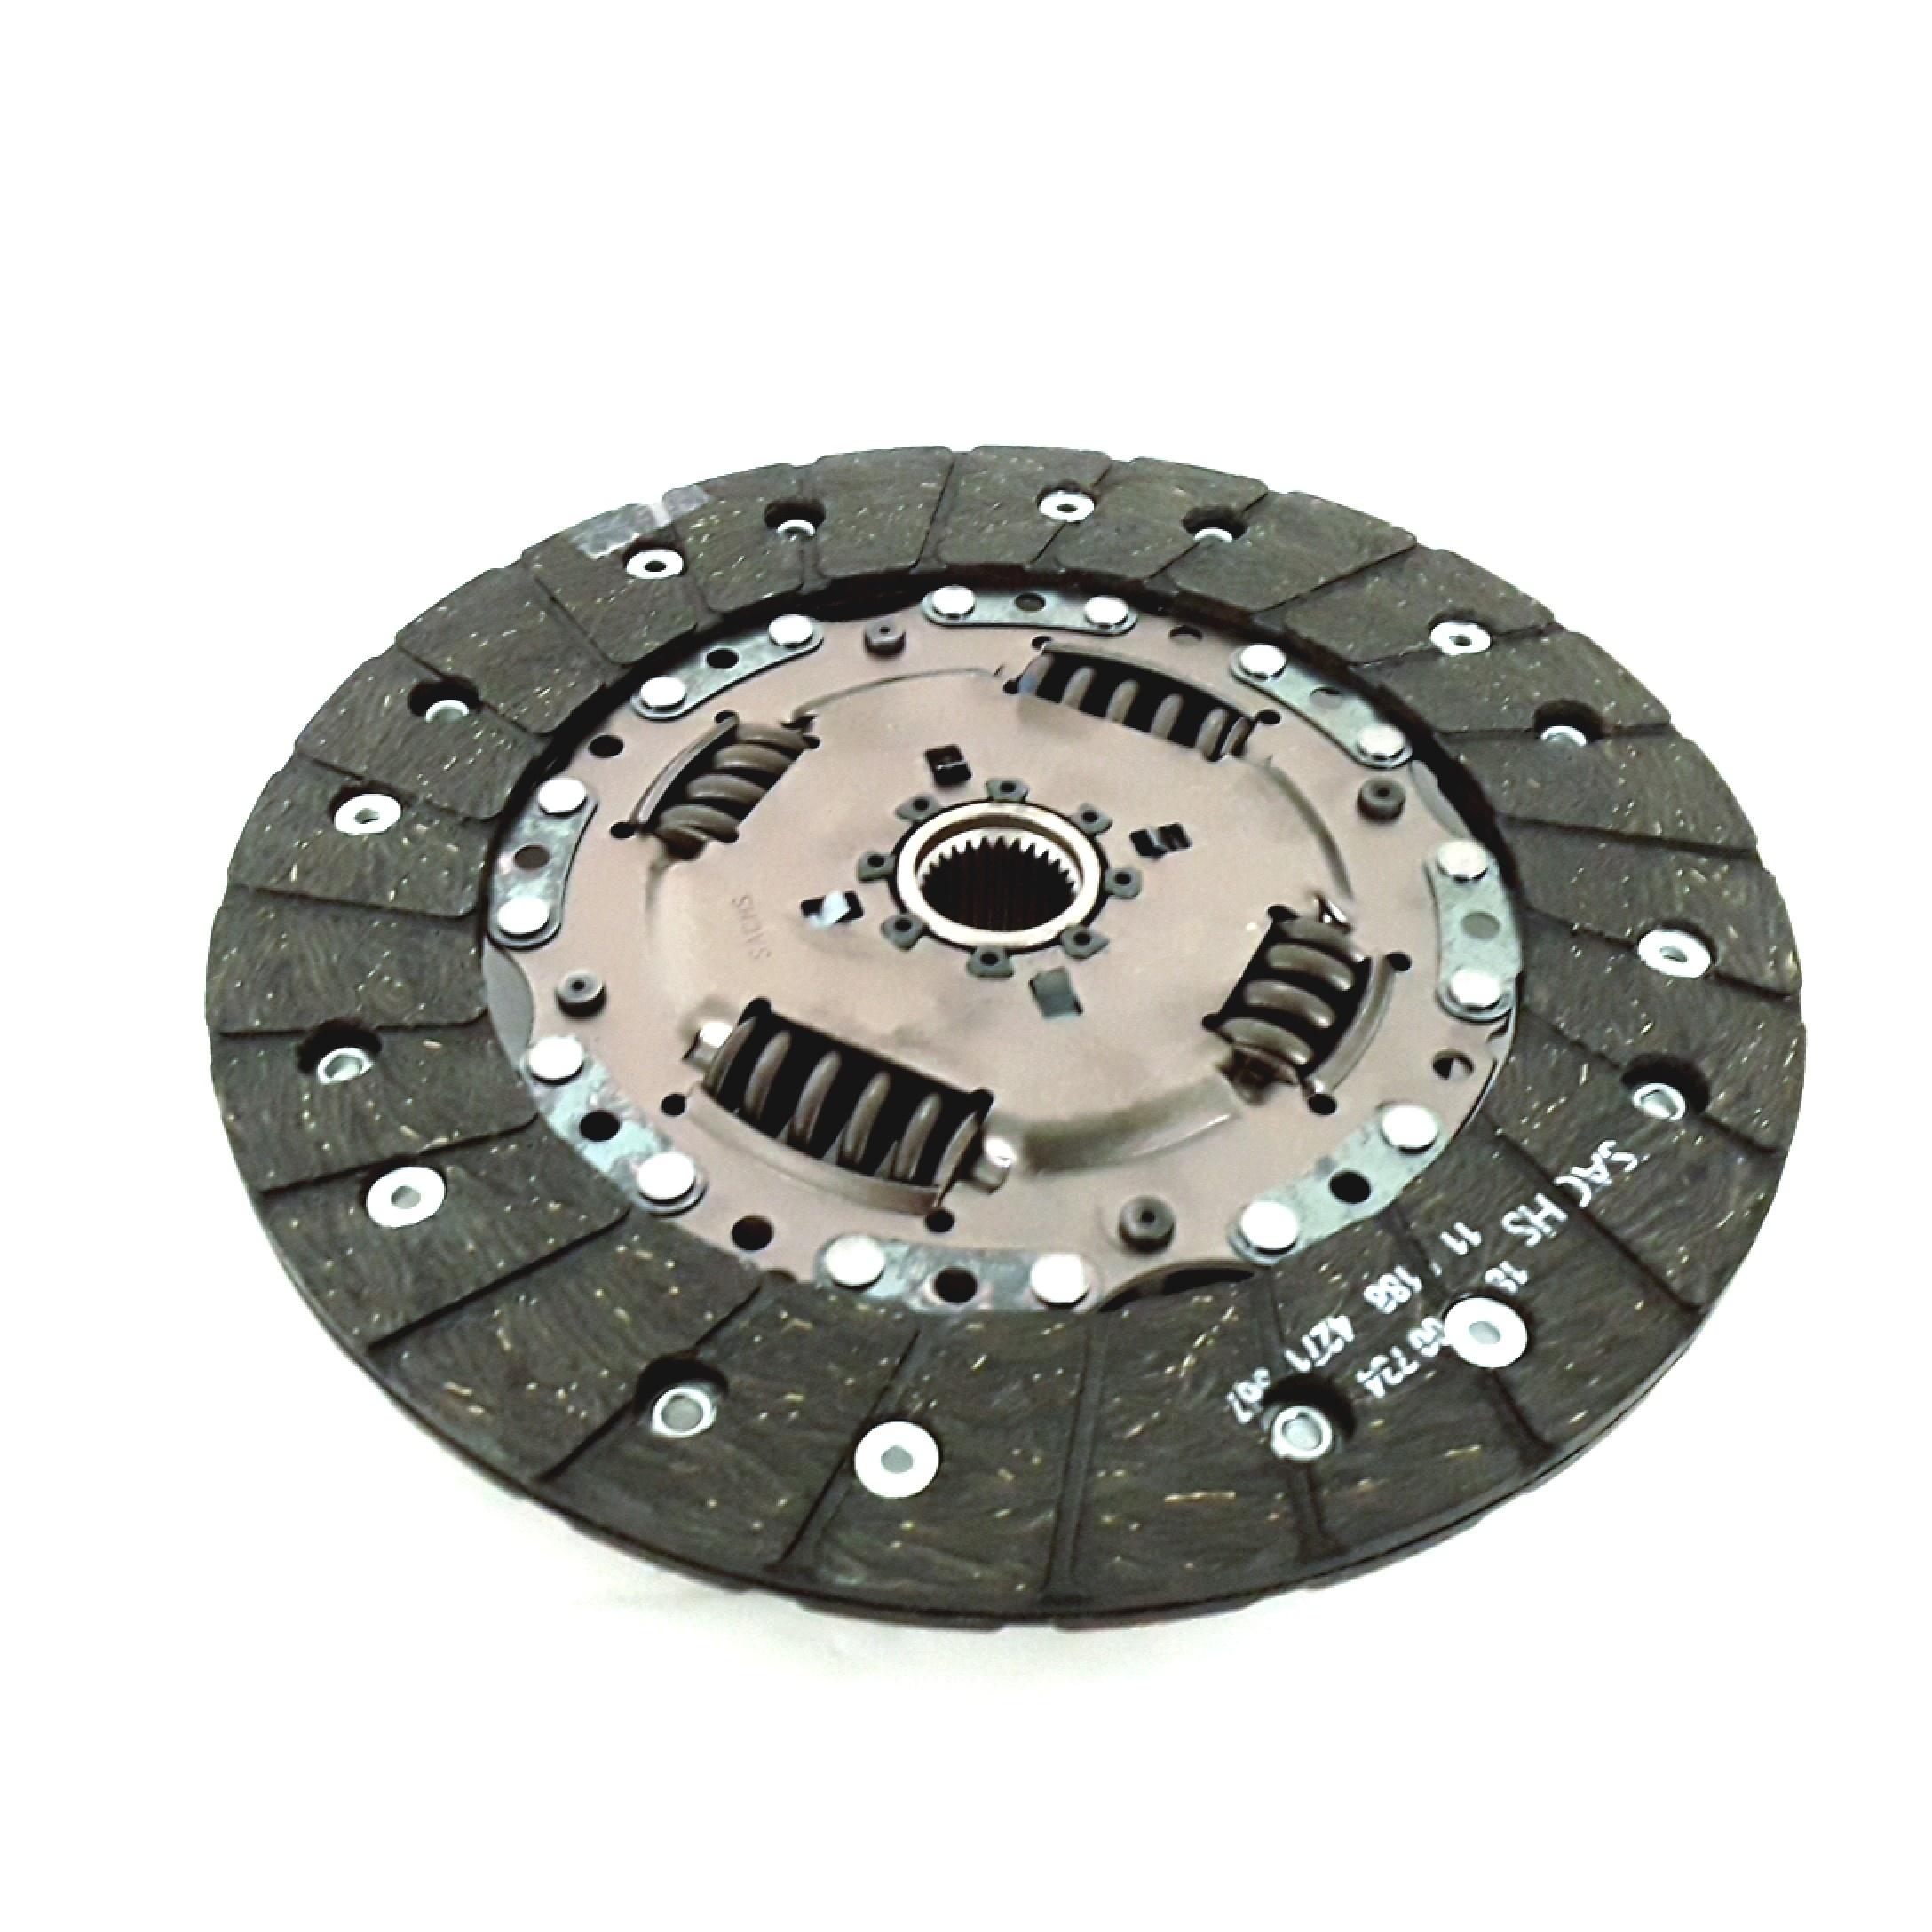 2001 volkswagen beetle clutch friction disc disc. Black Bedroom Furniture Sets. Home Design Ideas